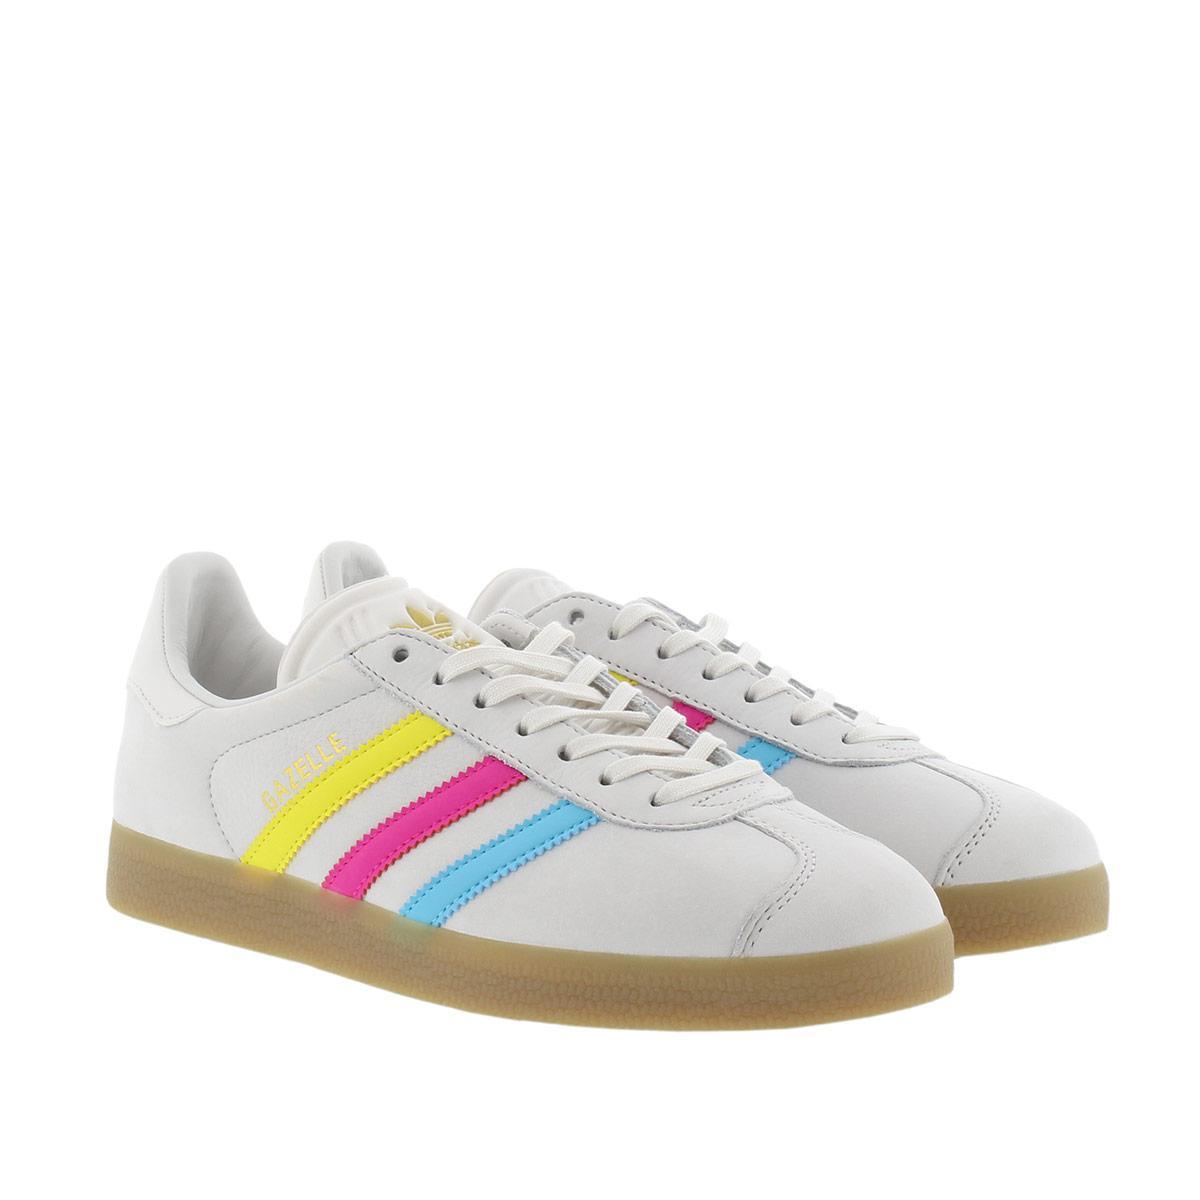 adidas gazelle multicolor